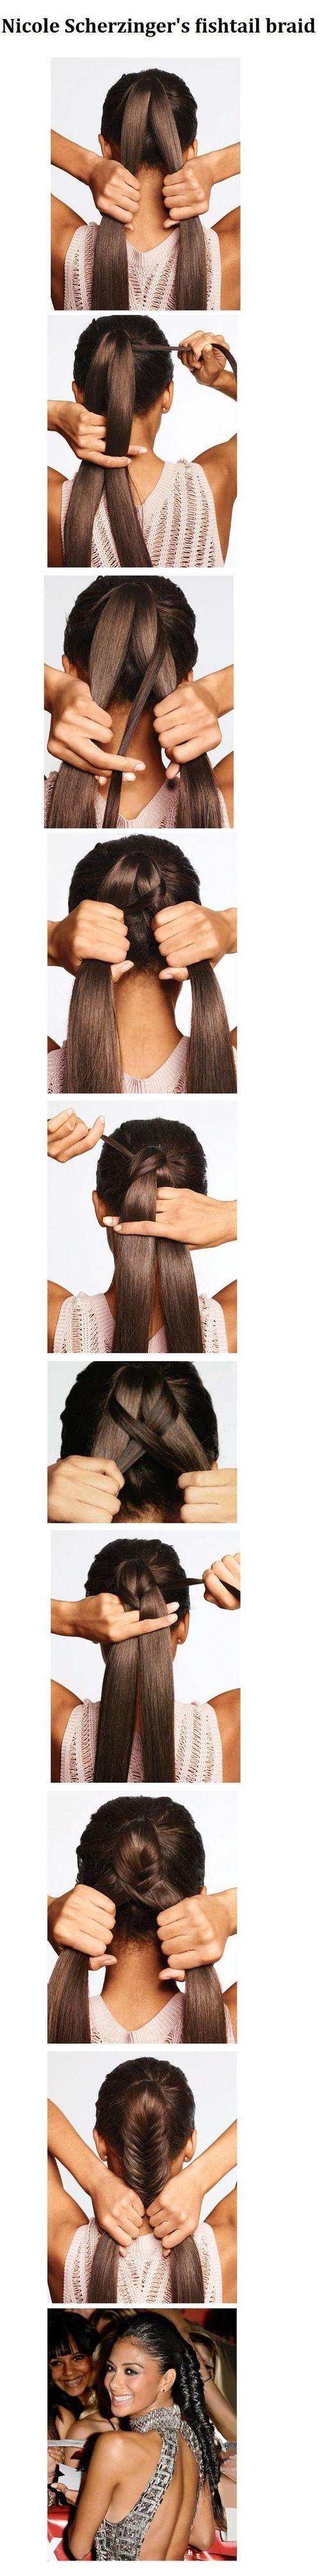 2 tuto coiffure tresse pis de bl hair pinterest coiffures hair and tuto coiffure - Tresse epis de ble ...